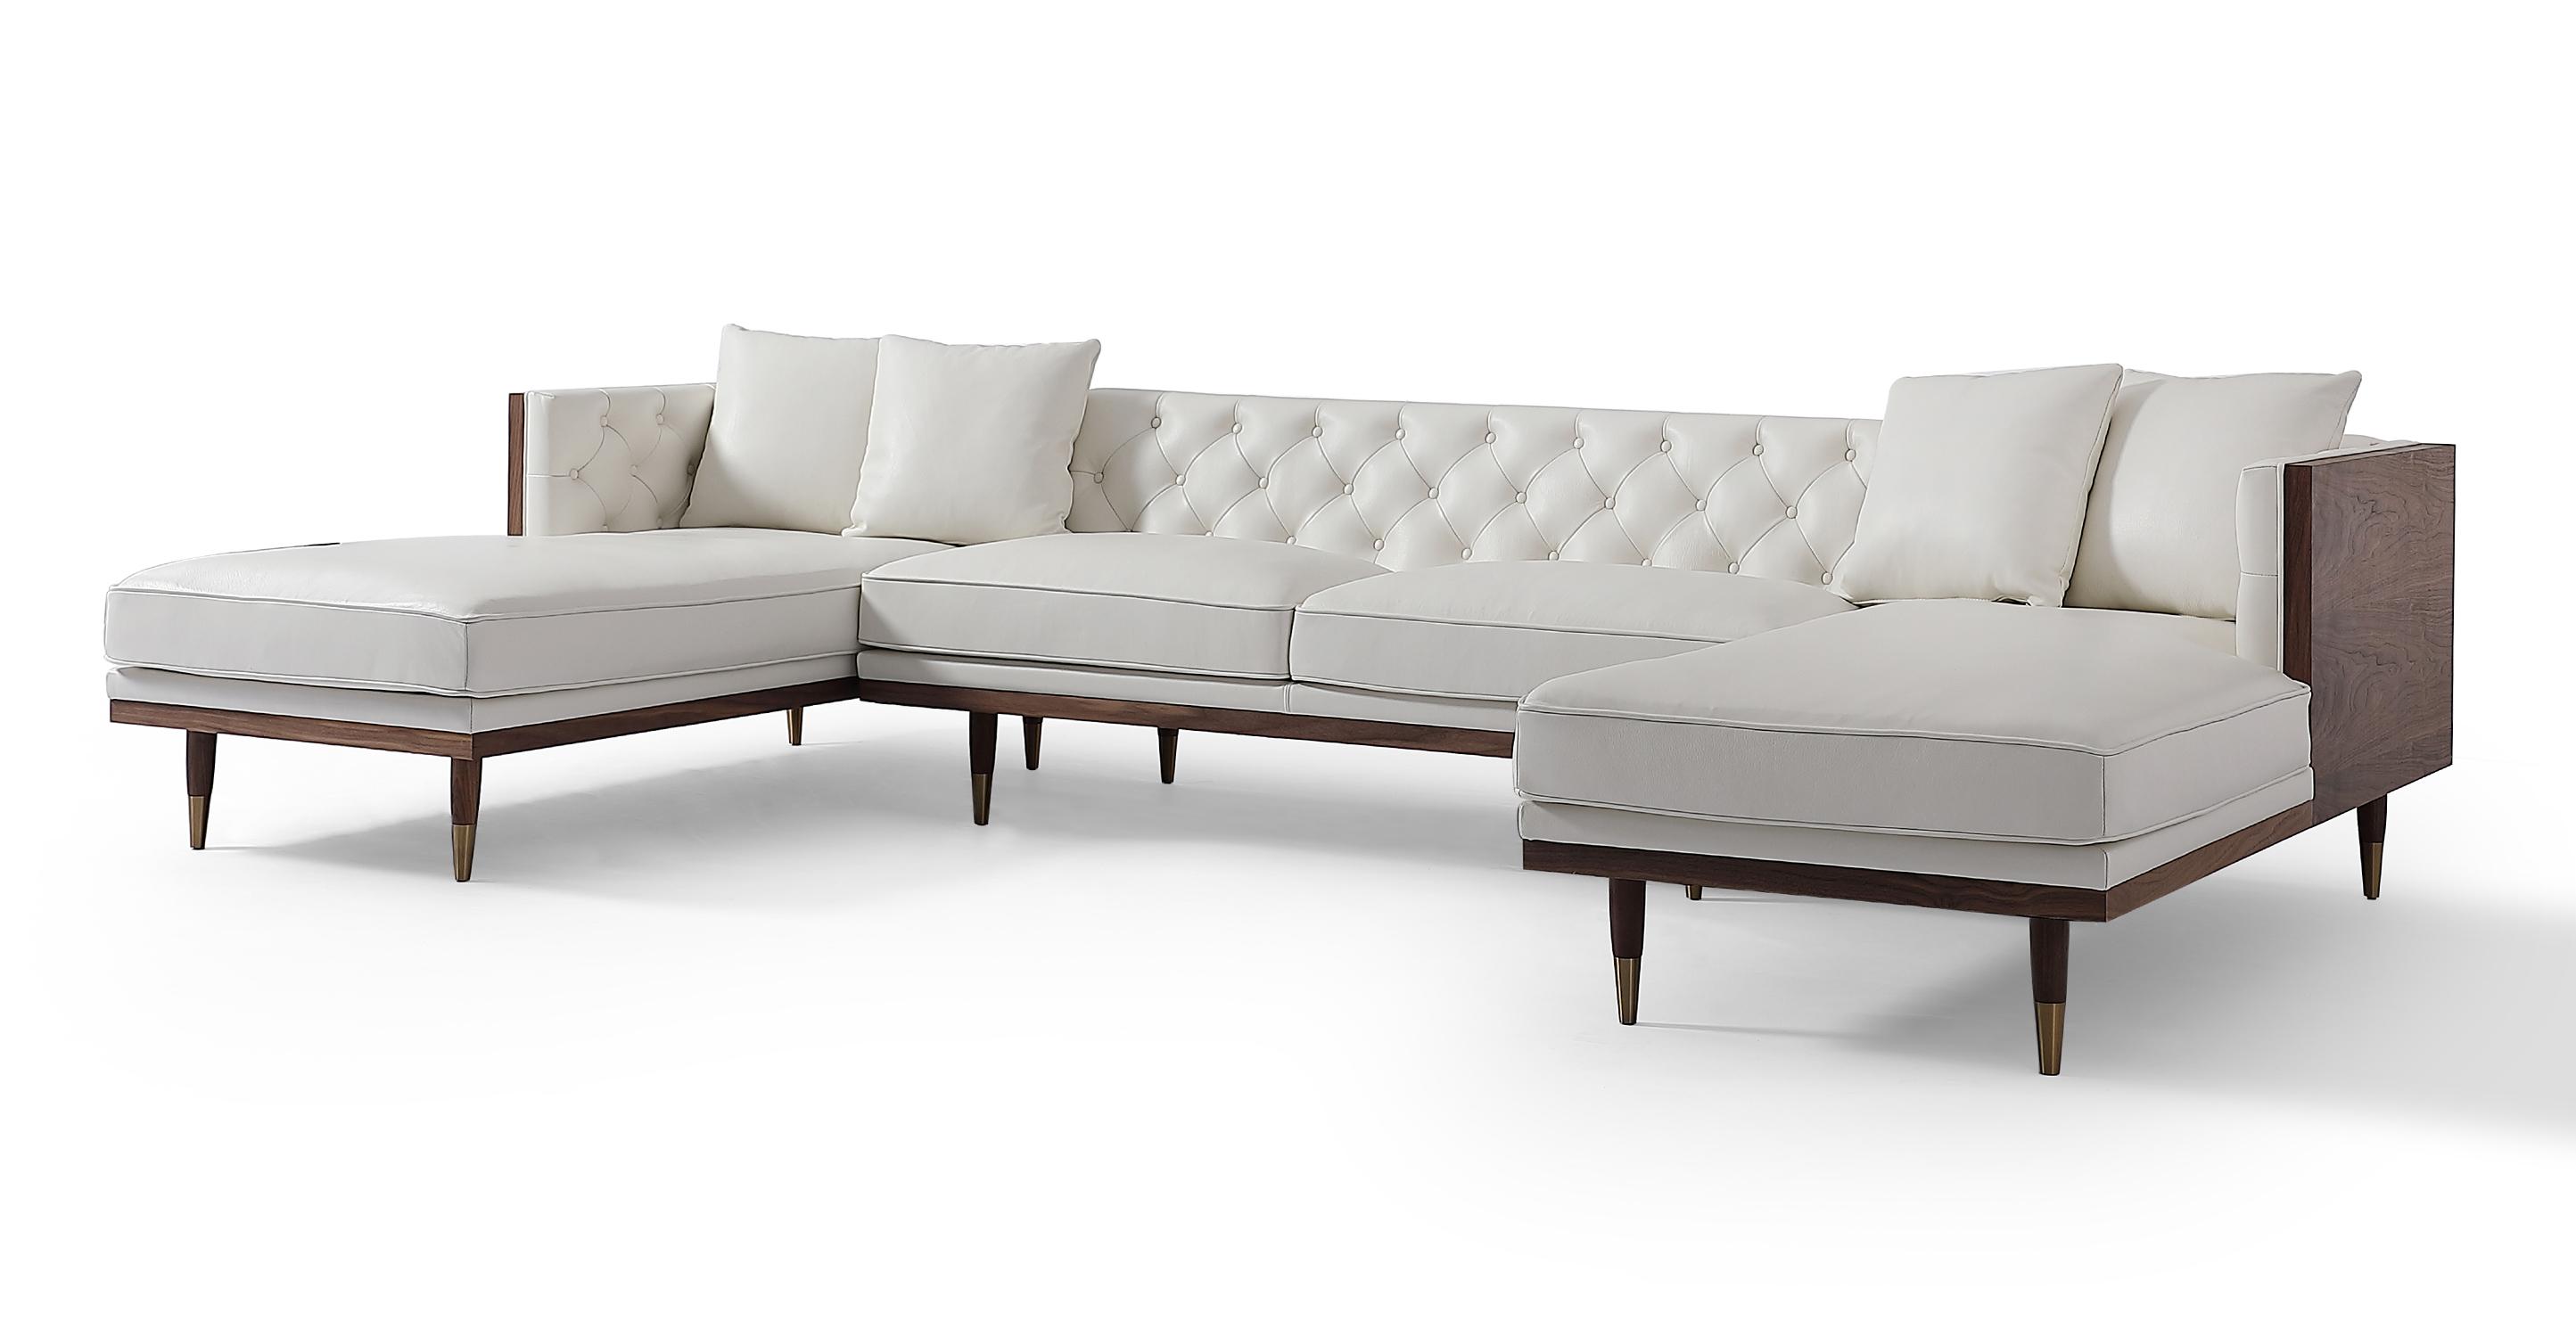 """Woodrow Neo 126"""" Leather Sofa U-Sectional, Walnut/White Aniline"""